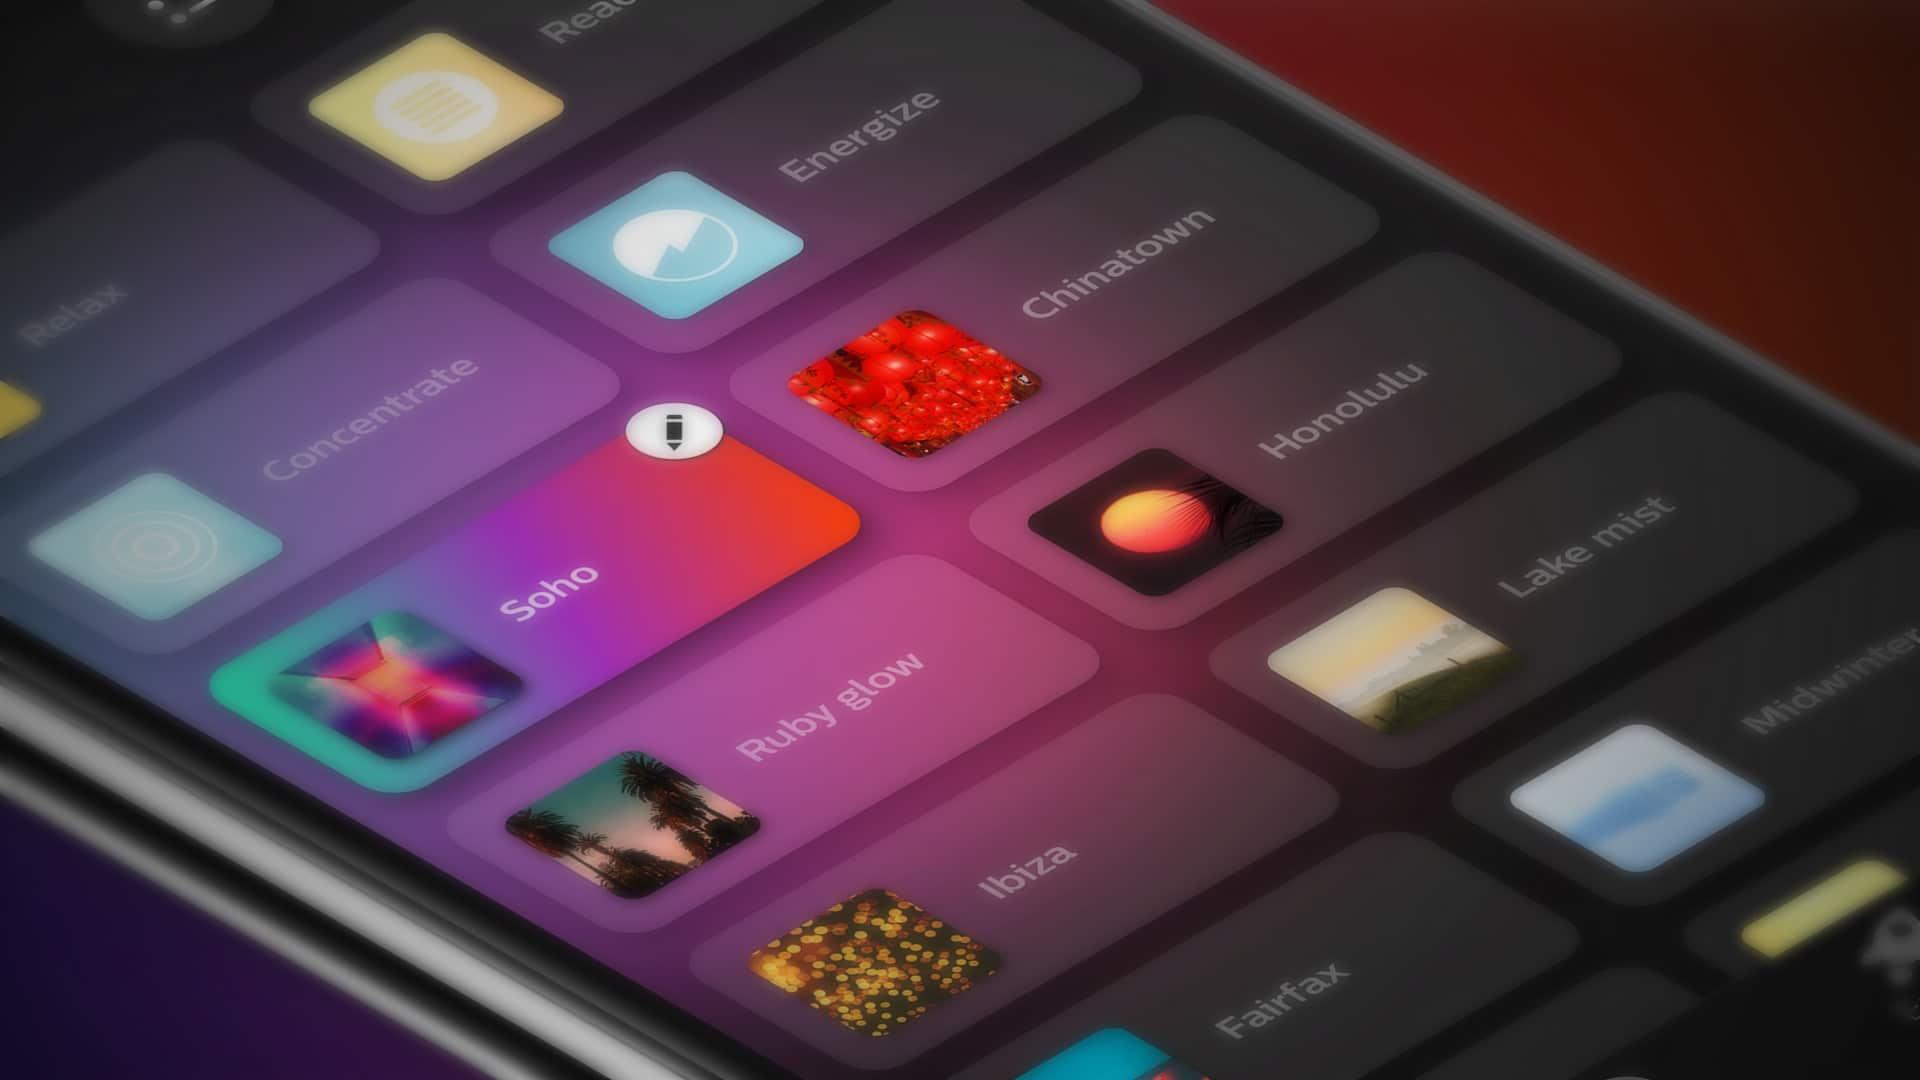 Neue Philips Hue App 3.0 steht zum Download bereit